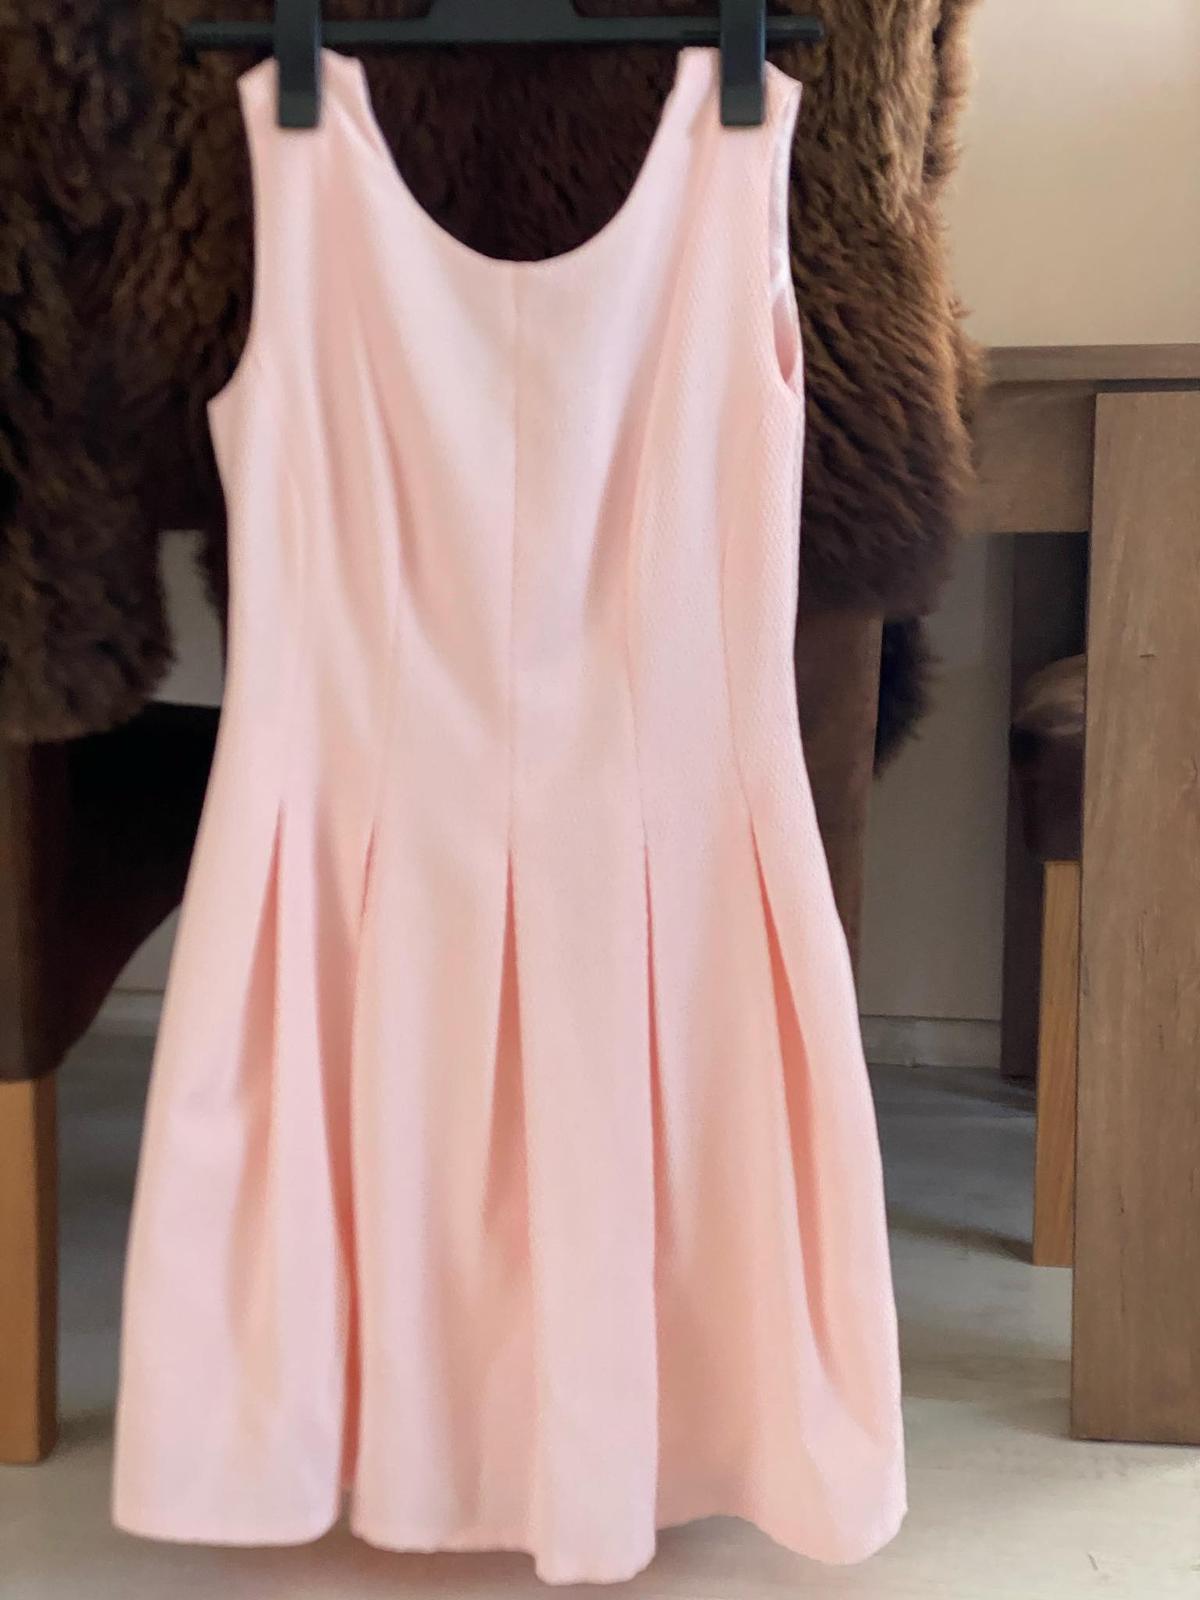 Lososové šaty vel.38 - Obrázek č. 1